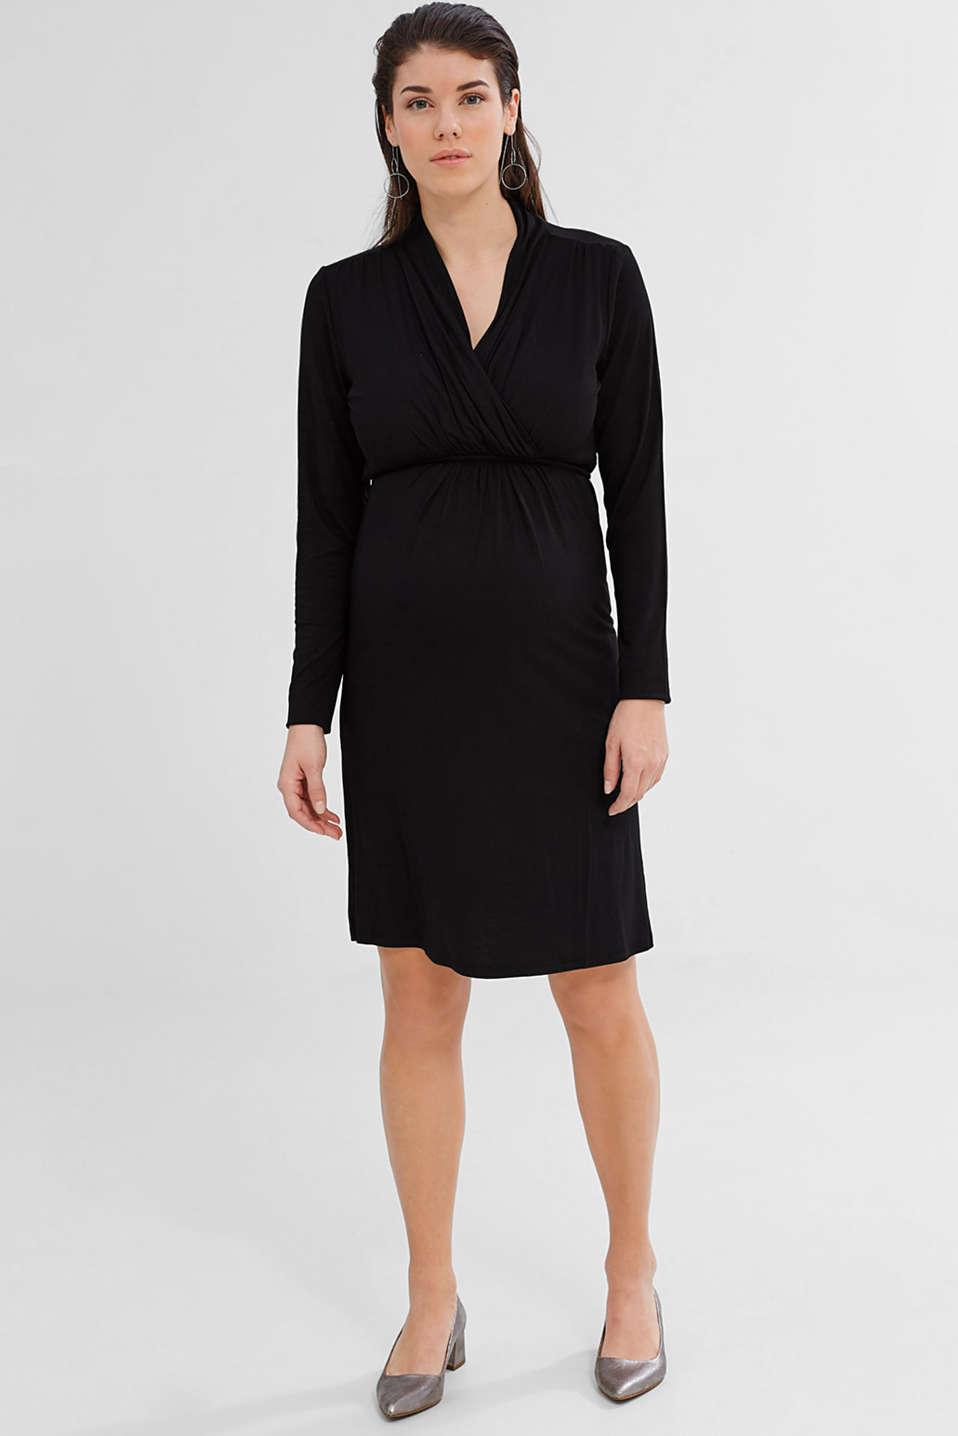 esprit robe d allaitement en jersey stretch acheter sur la boutique en ligne. Black Bedroom Furniture Sets. Home Design Ideas